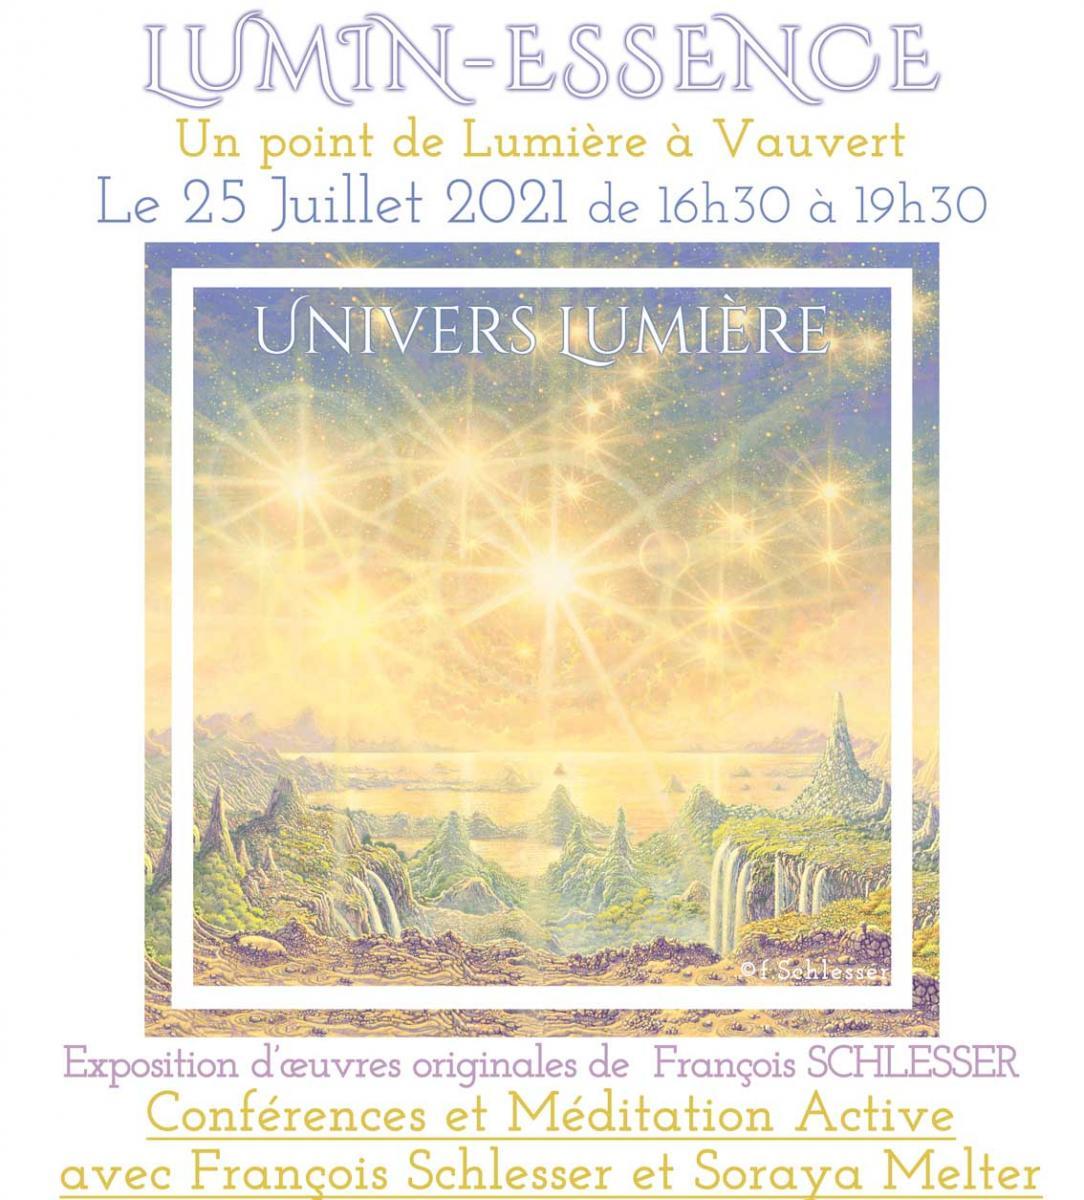 Affiche Lumin'Essence - Vauvert